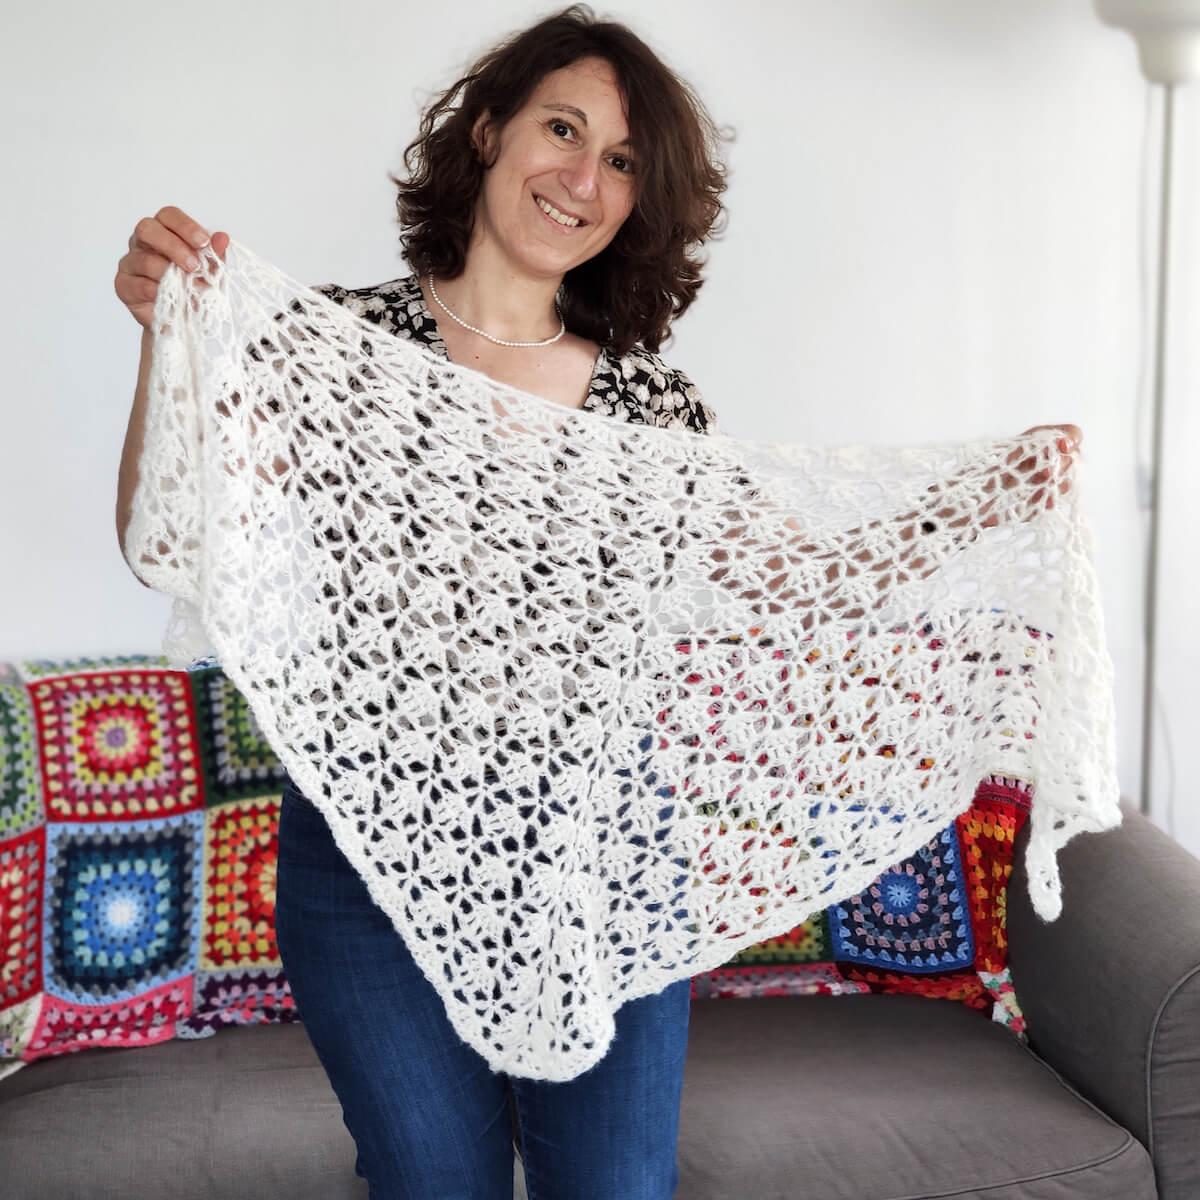 Tutoriel en français du châle Elise (Elise shawl) au crochet